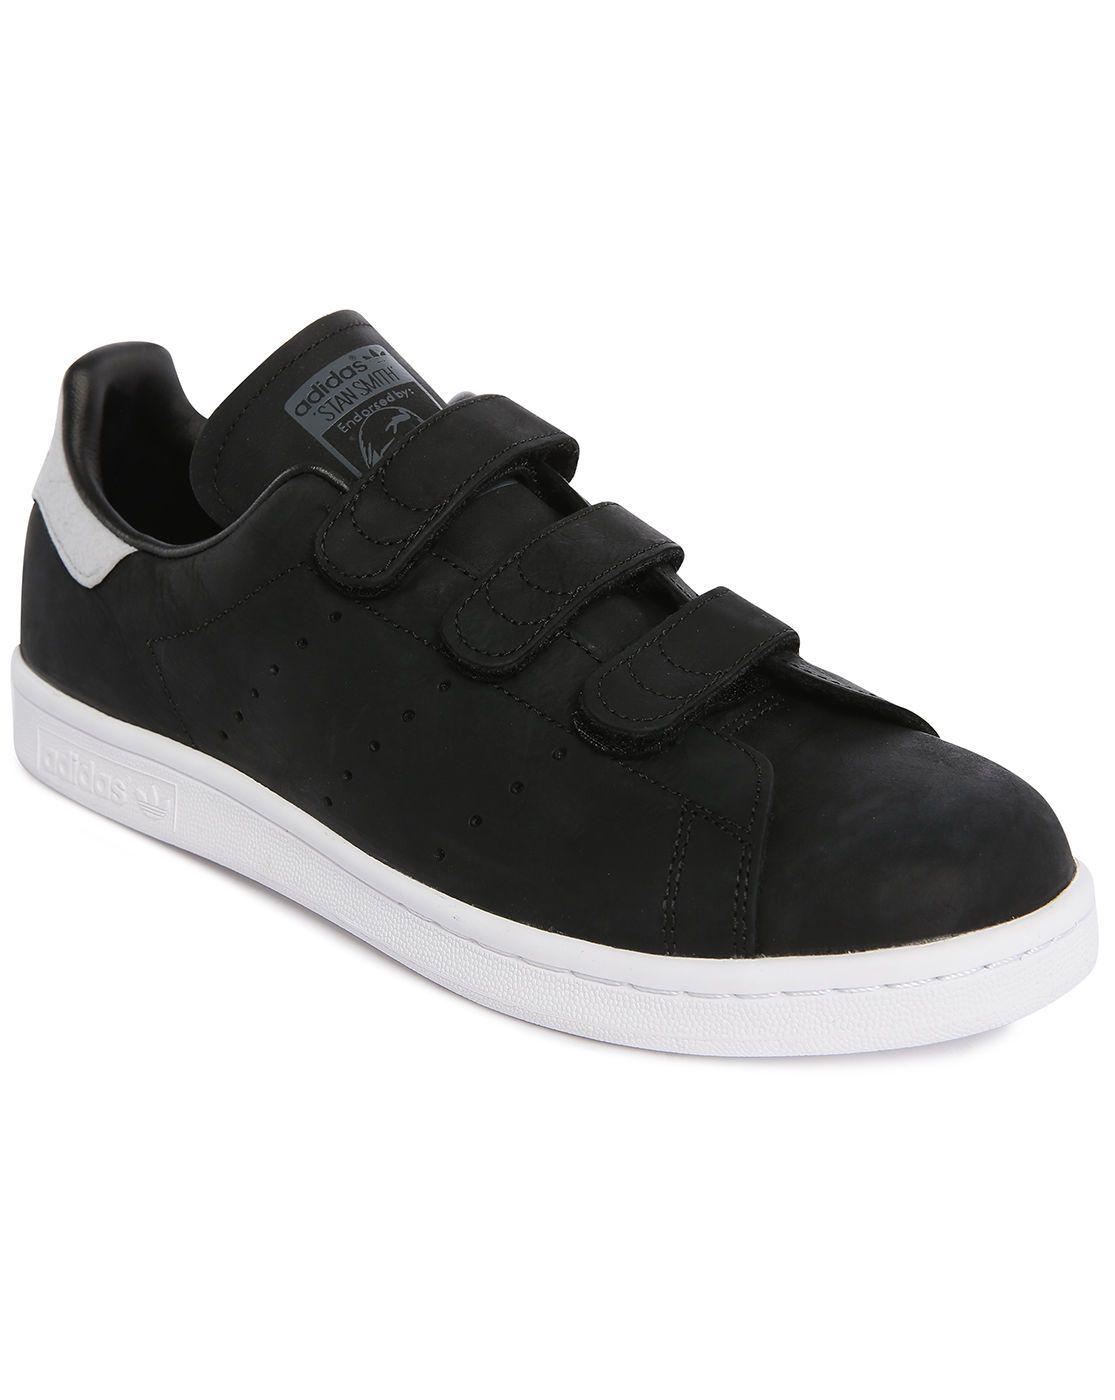 velcro sneakers | Adidas originals Stan